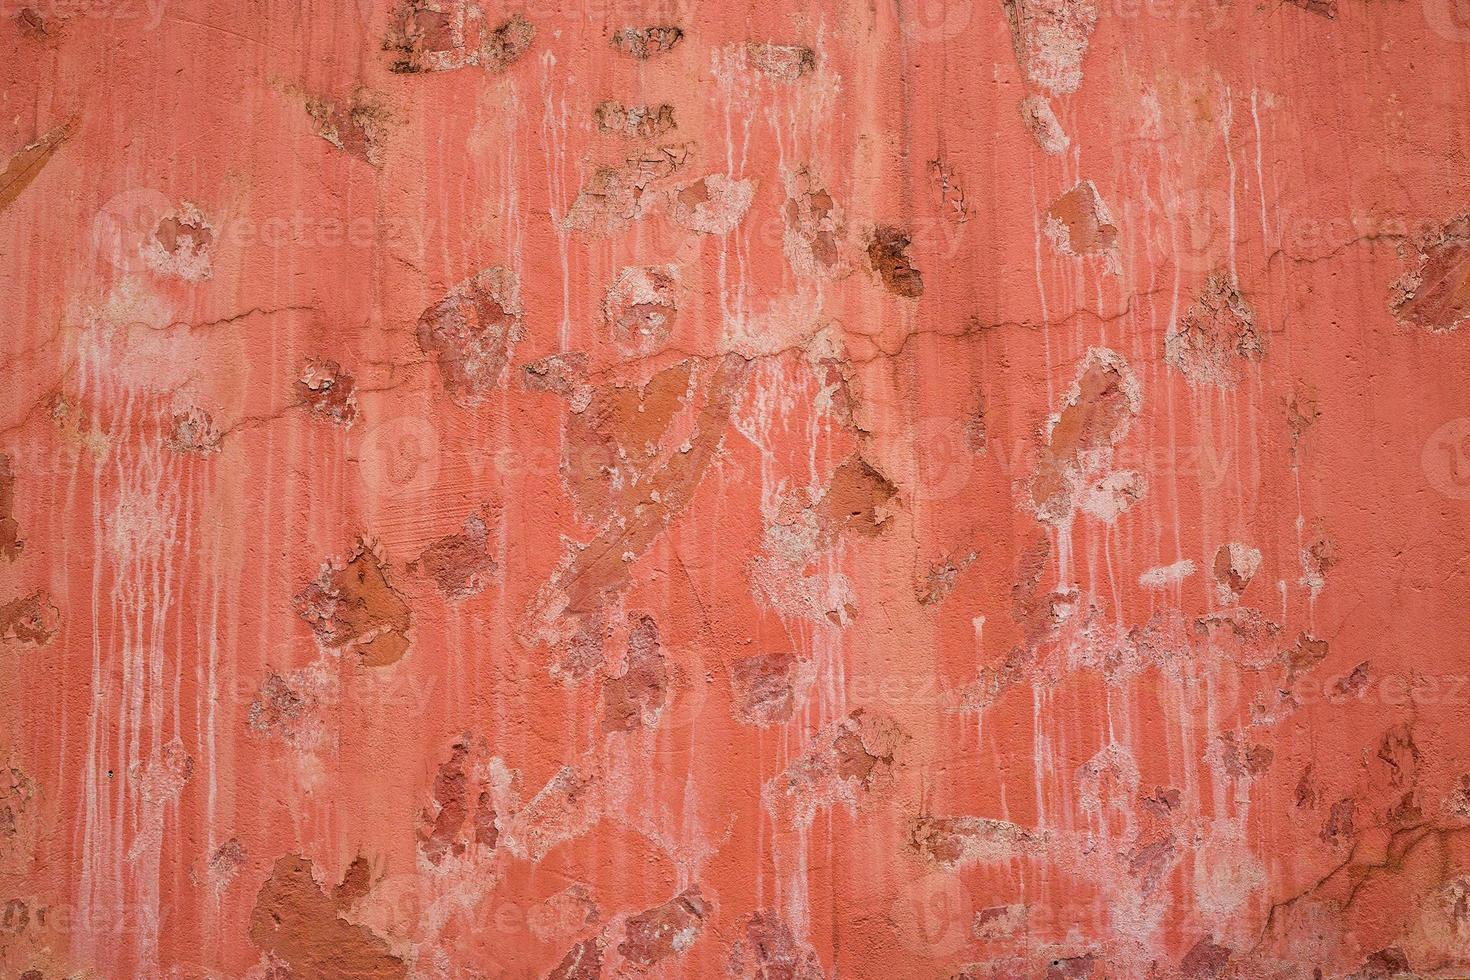 motifs colorés et textures de l'ancien mur de ciment pour le fond photo